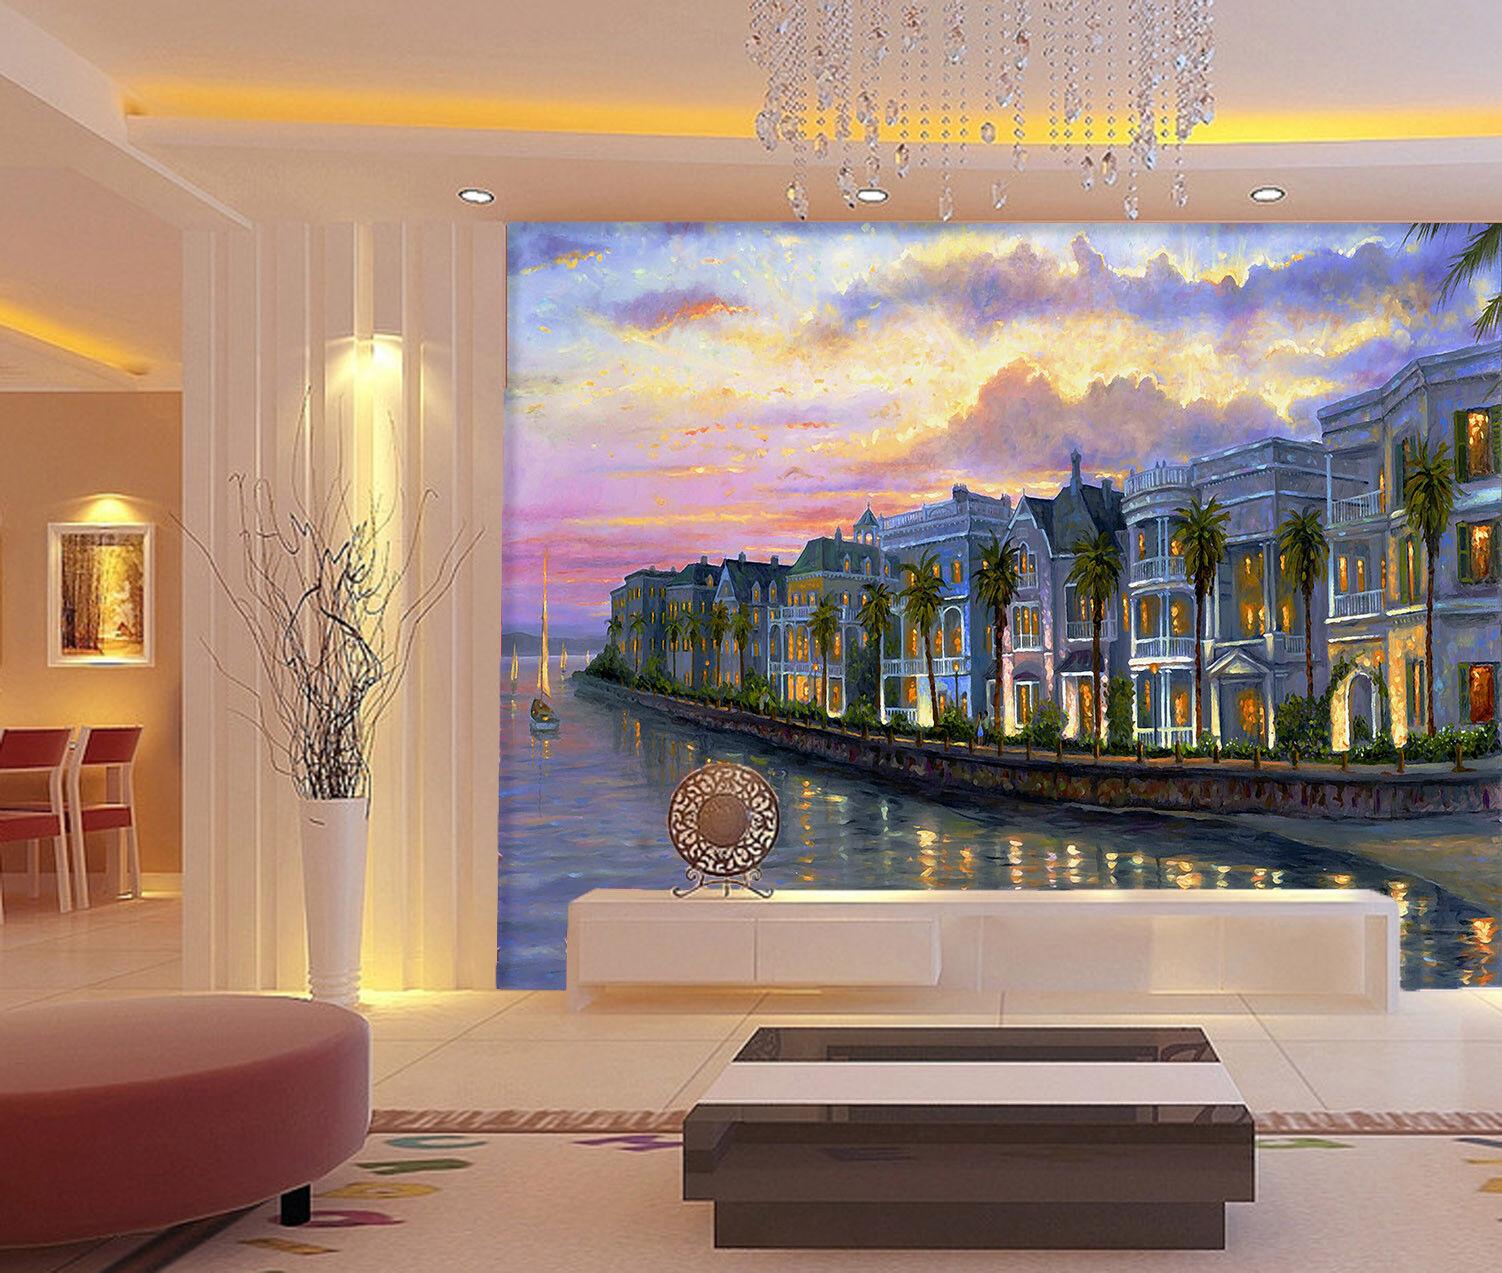 3D Seaside Stadt Ölgemälde 73 Tapete Wandgemälde Tapete Tapeten Bild Familie DE